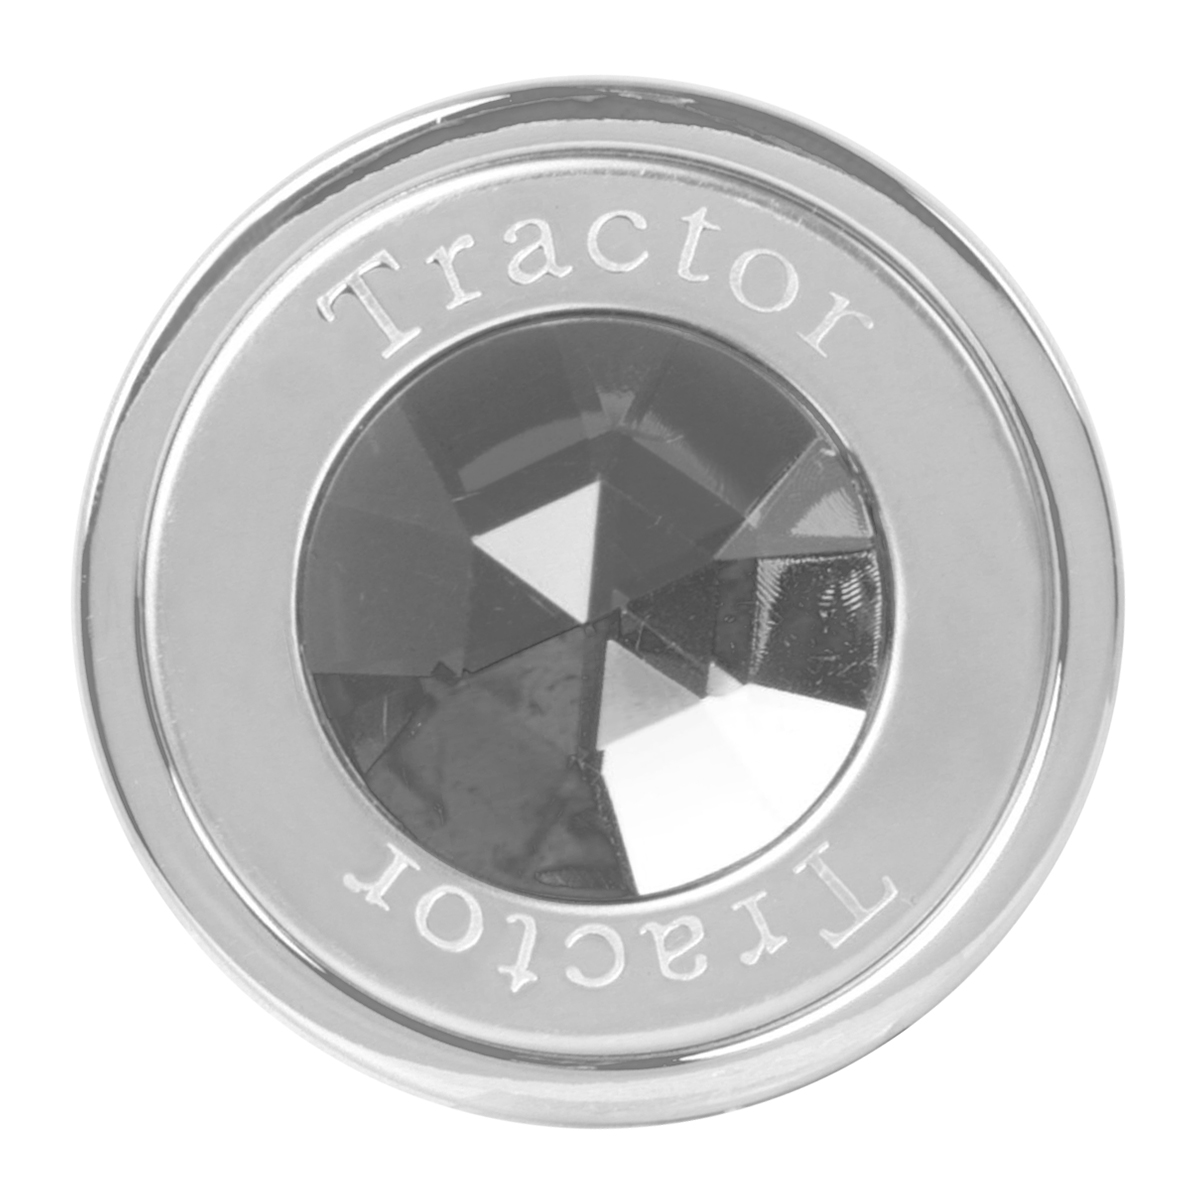 95832 Tractor Air Control Knob w/ Clear Crystal